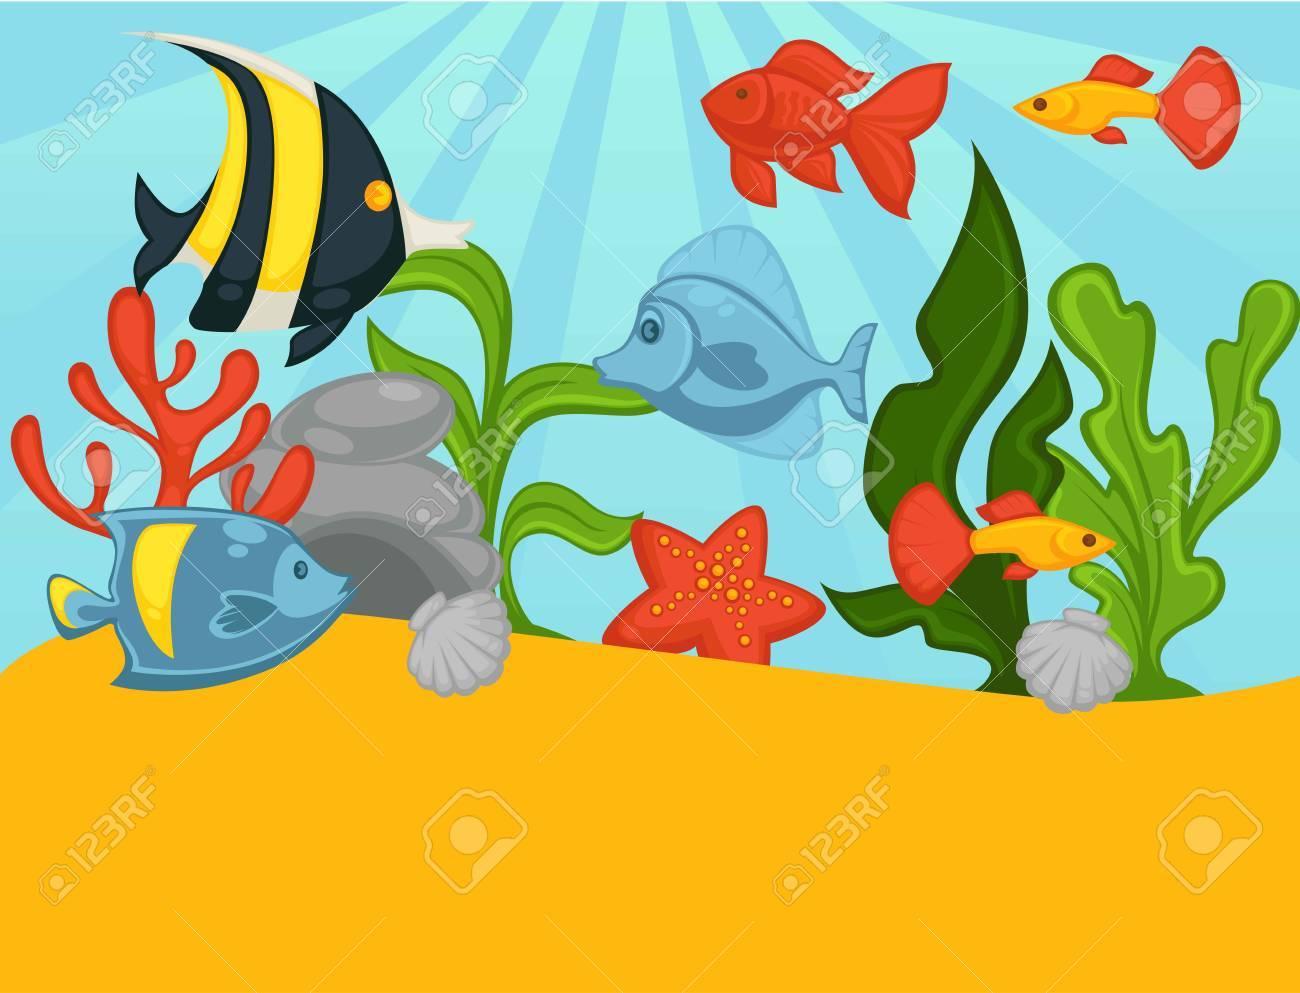 アクアリウム熱帯魚や植物のベクトル イラストのイラスト素材ベクタ